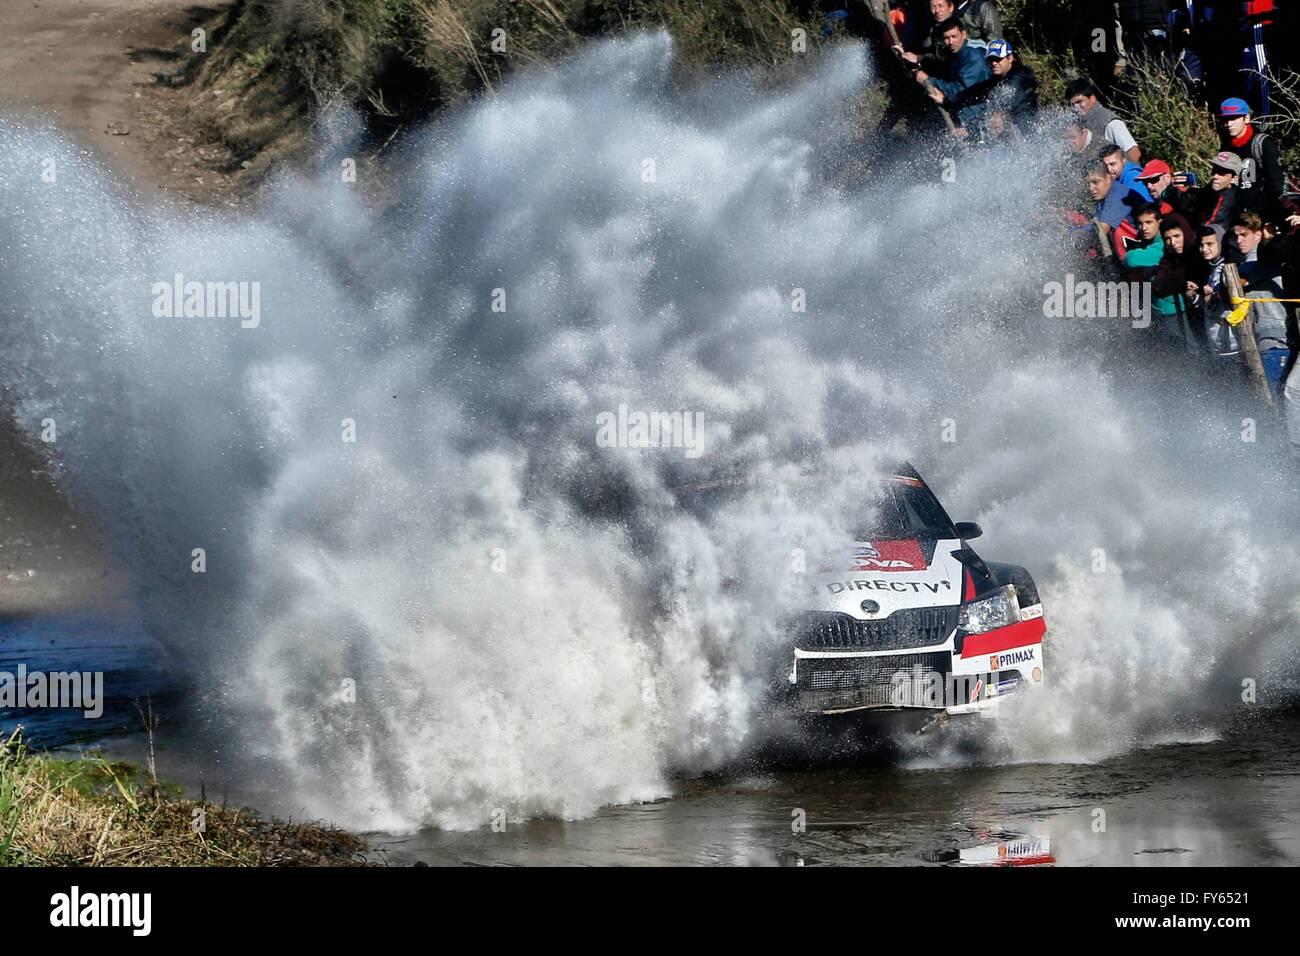 Argentina. 22 abr, 2016. Automovilismo WRC WRC Rally de Argentina. FUCHS Crédito: Además de los deportes Imagen De Stock